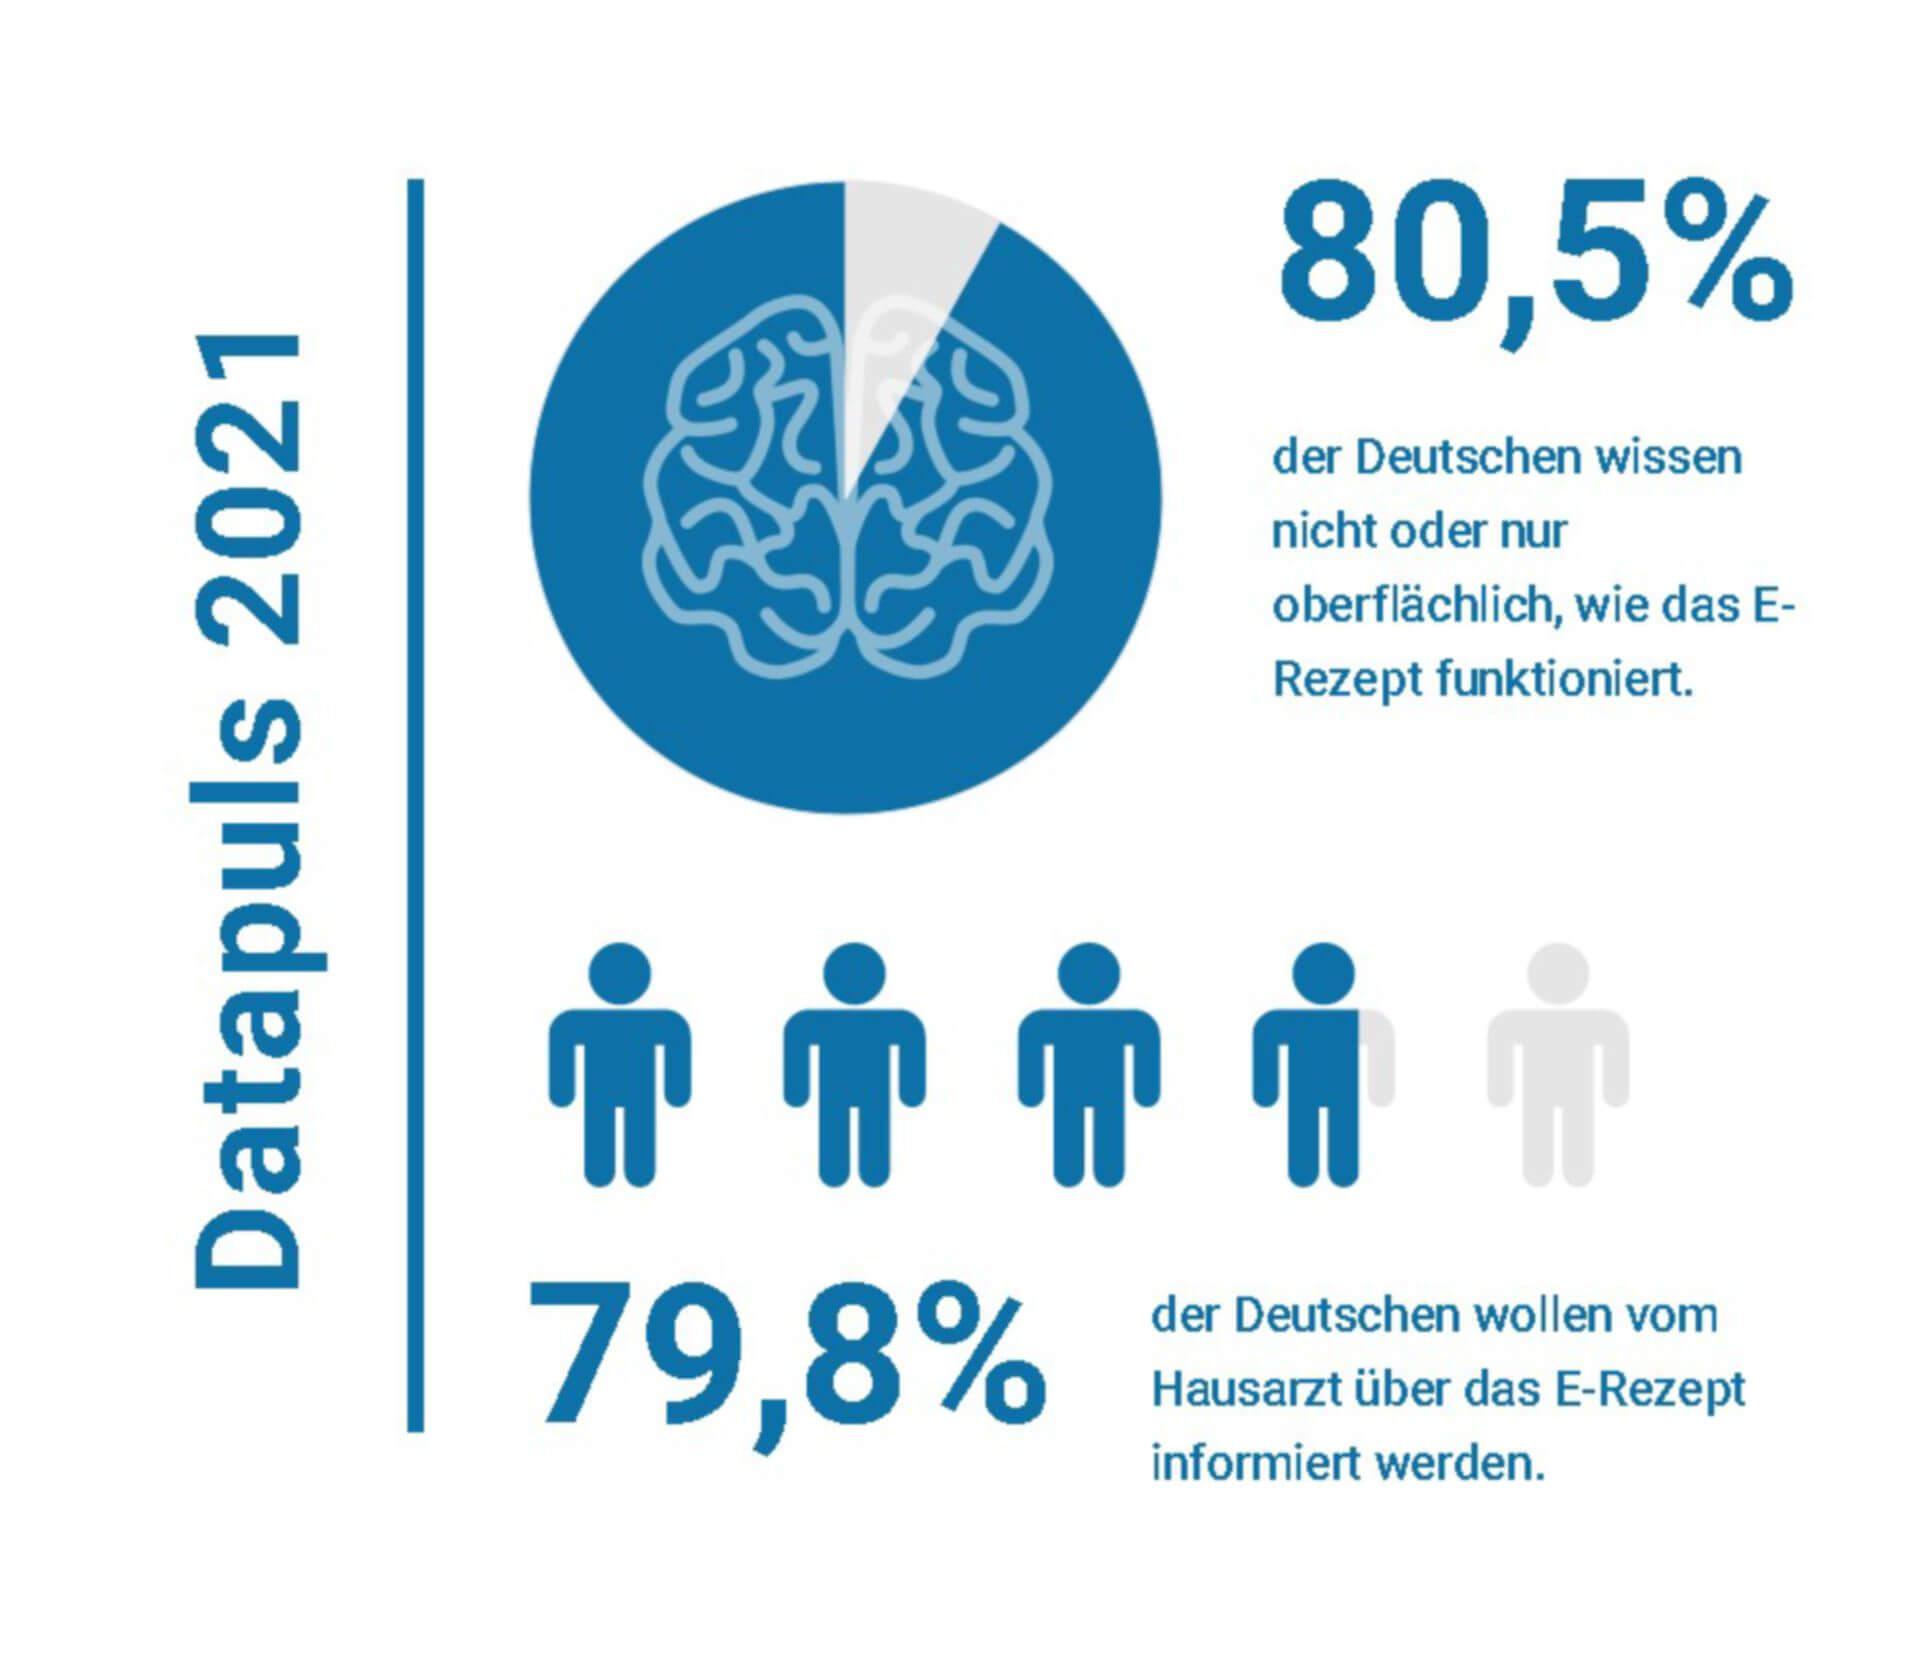 Patientenumfrage Datapuls 2021 attestiert Deutschen Unwissenheit beim E-Rezept (c) Socialwave GmbH